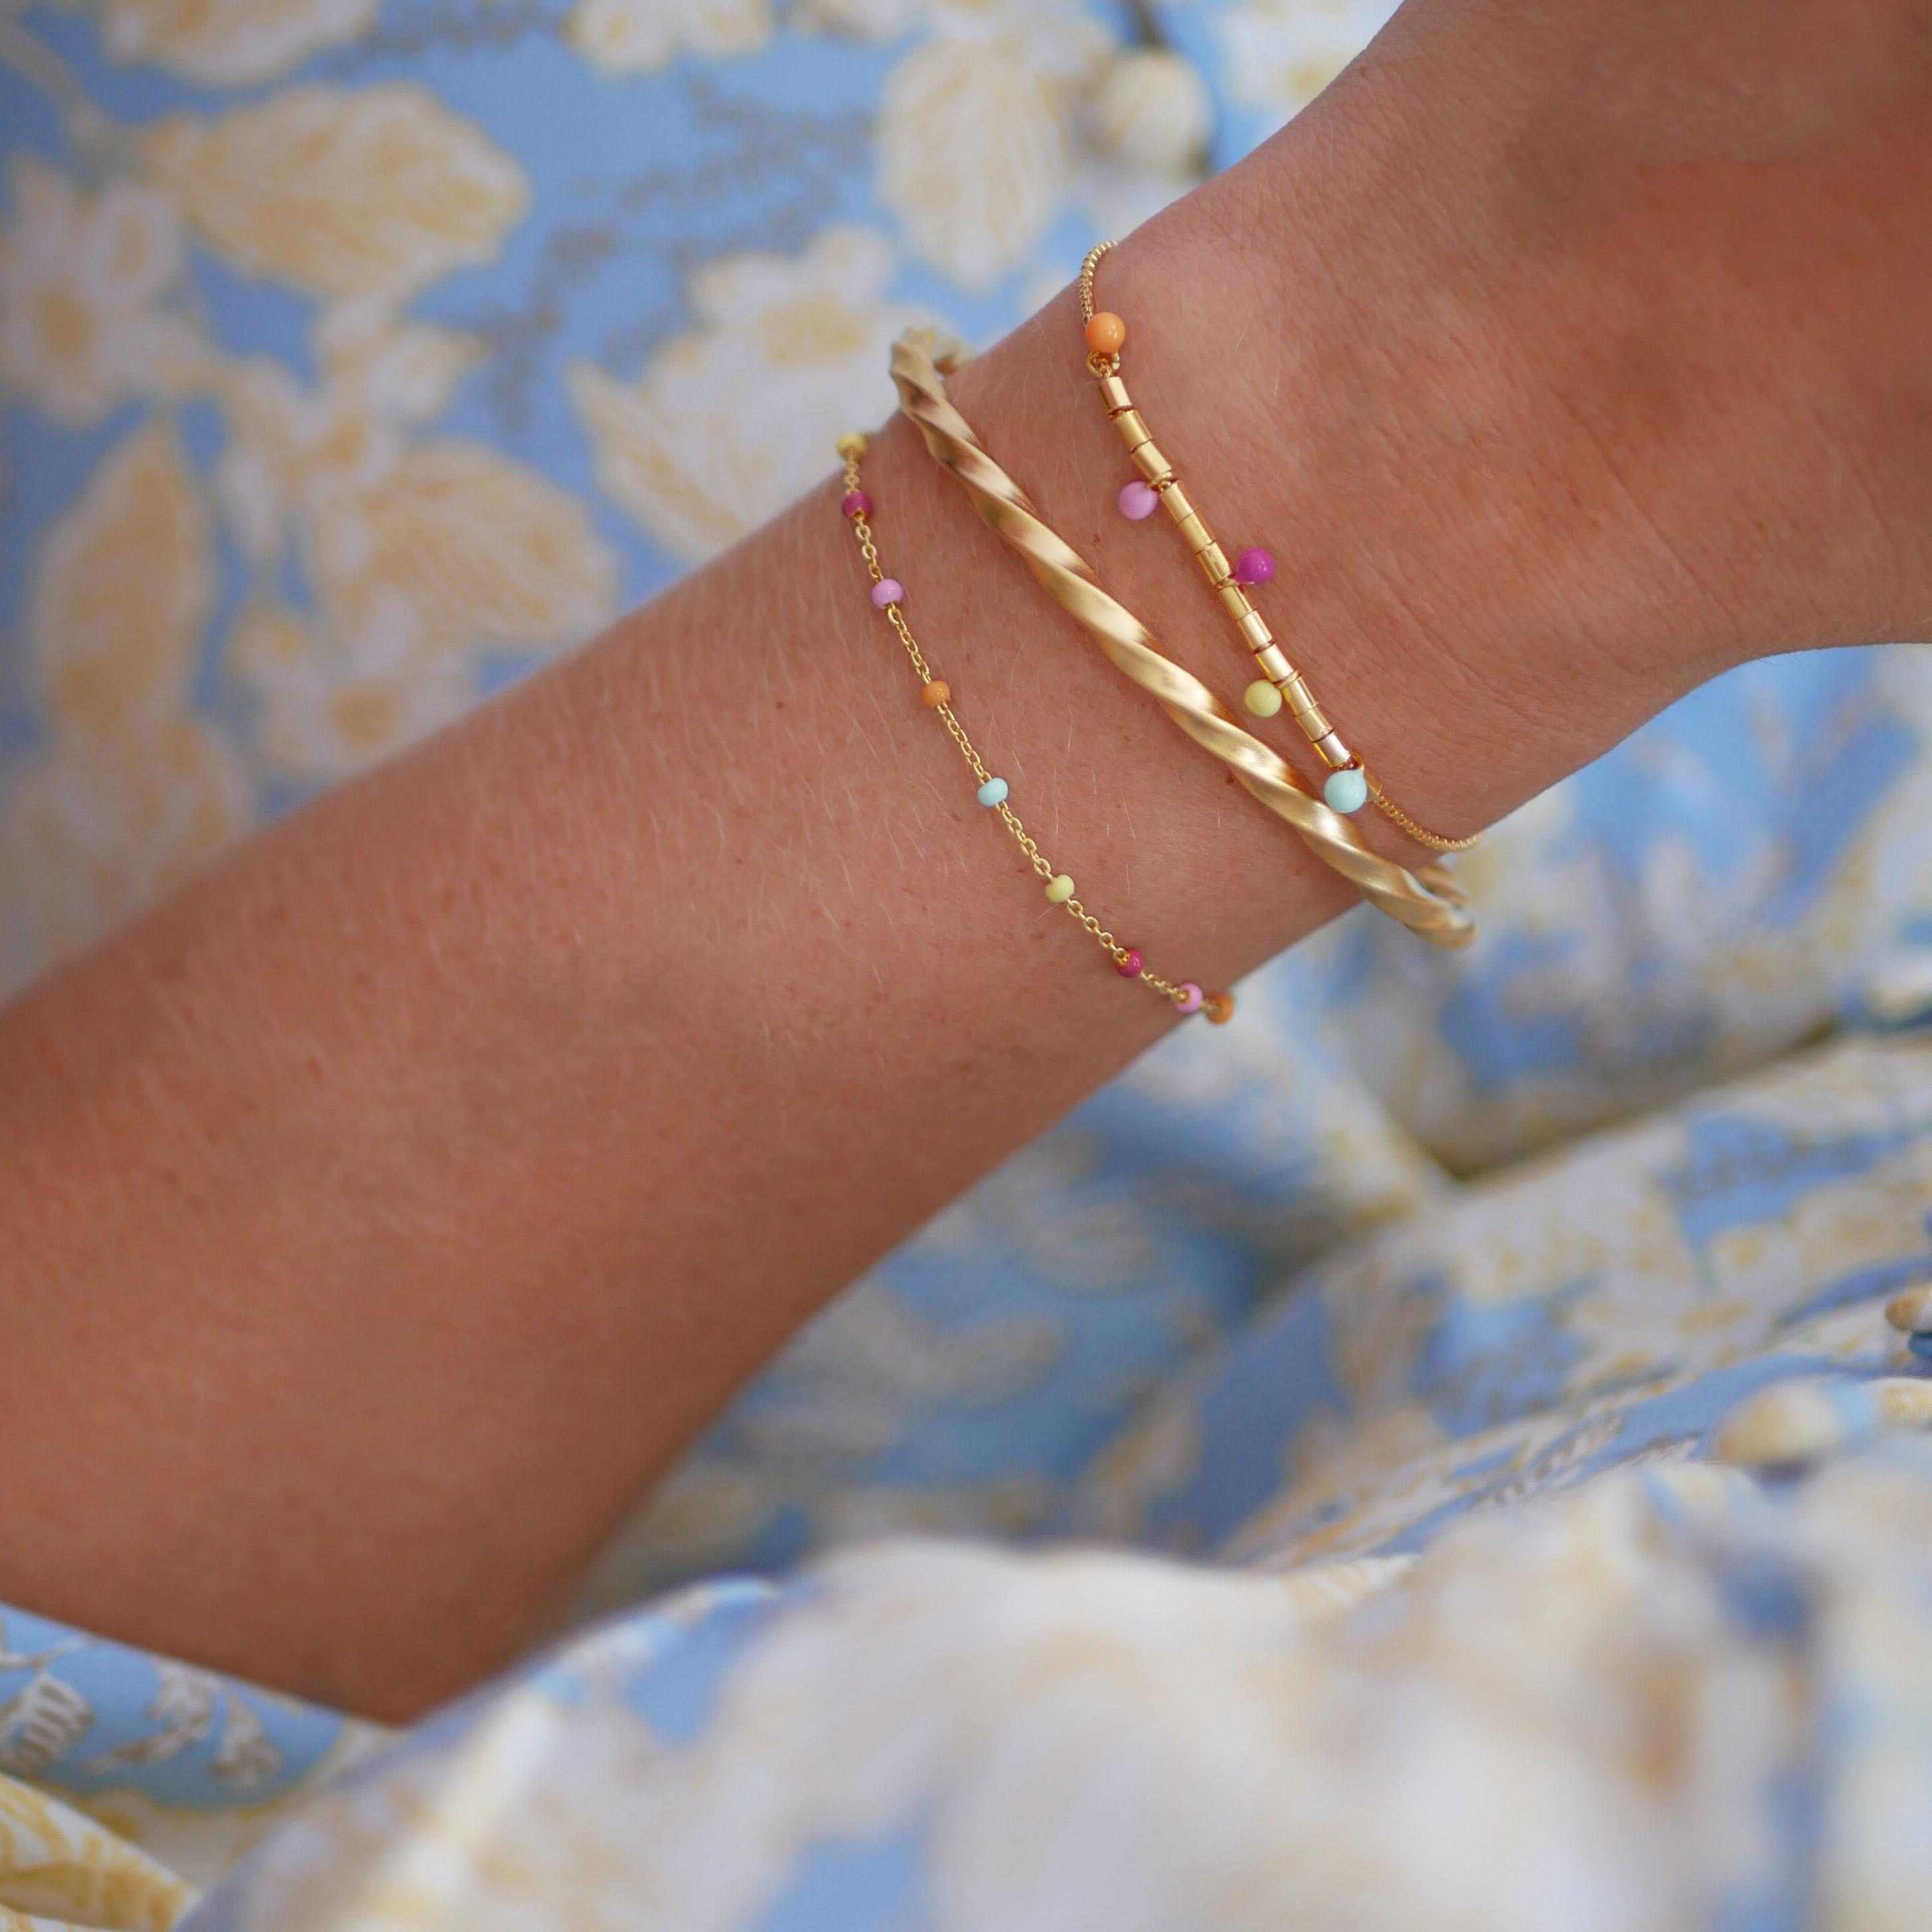 Lola Bracelet Heavenly fra Enamel Copenhagen i Forgylt-Sølv Sterling 925